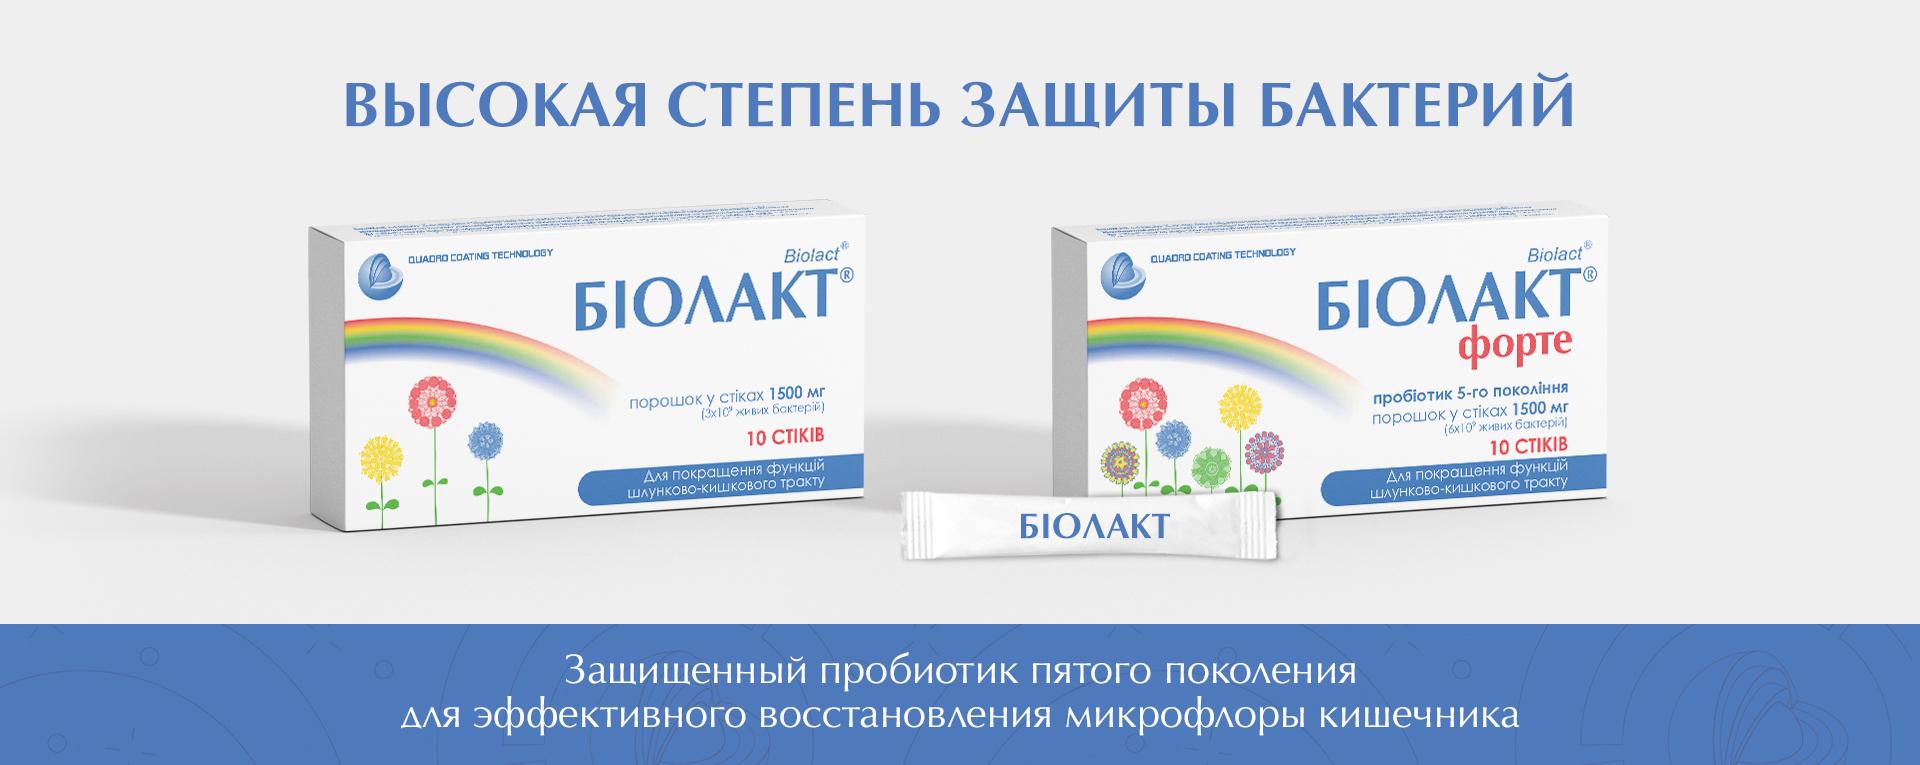 Biolact_banner_2